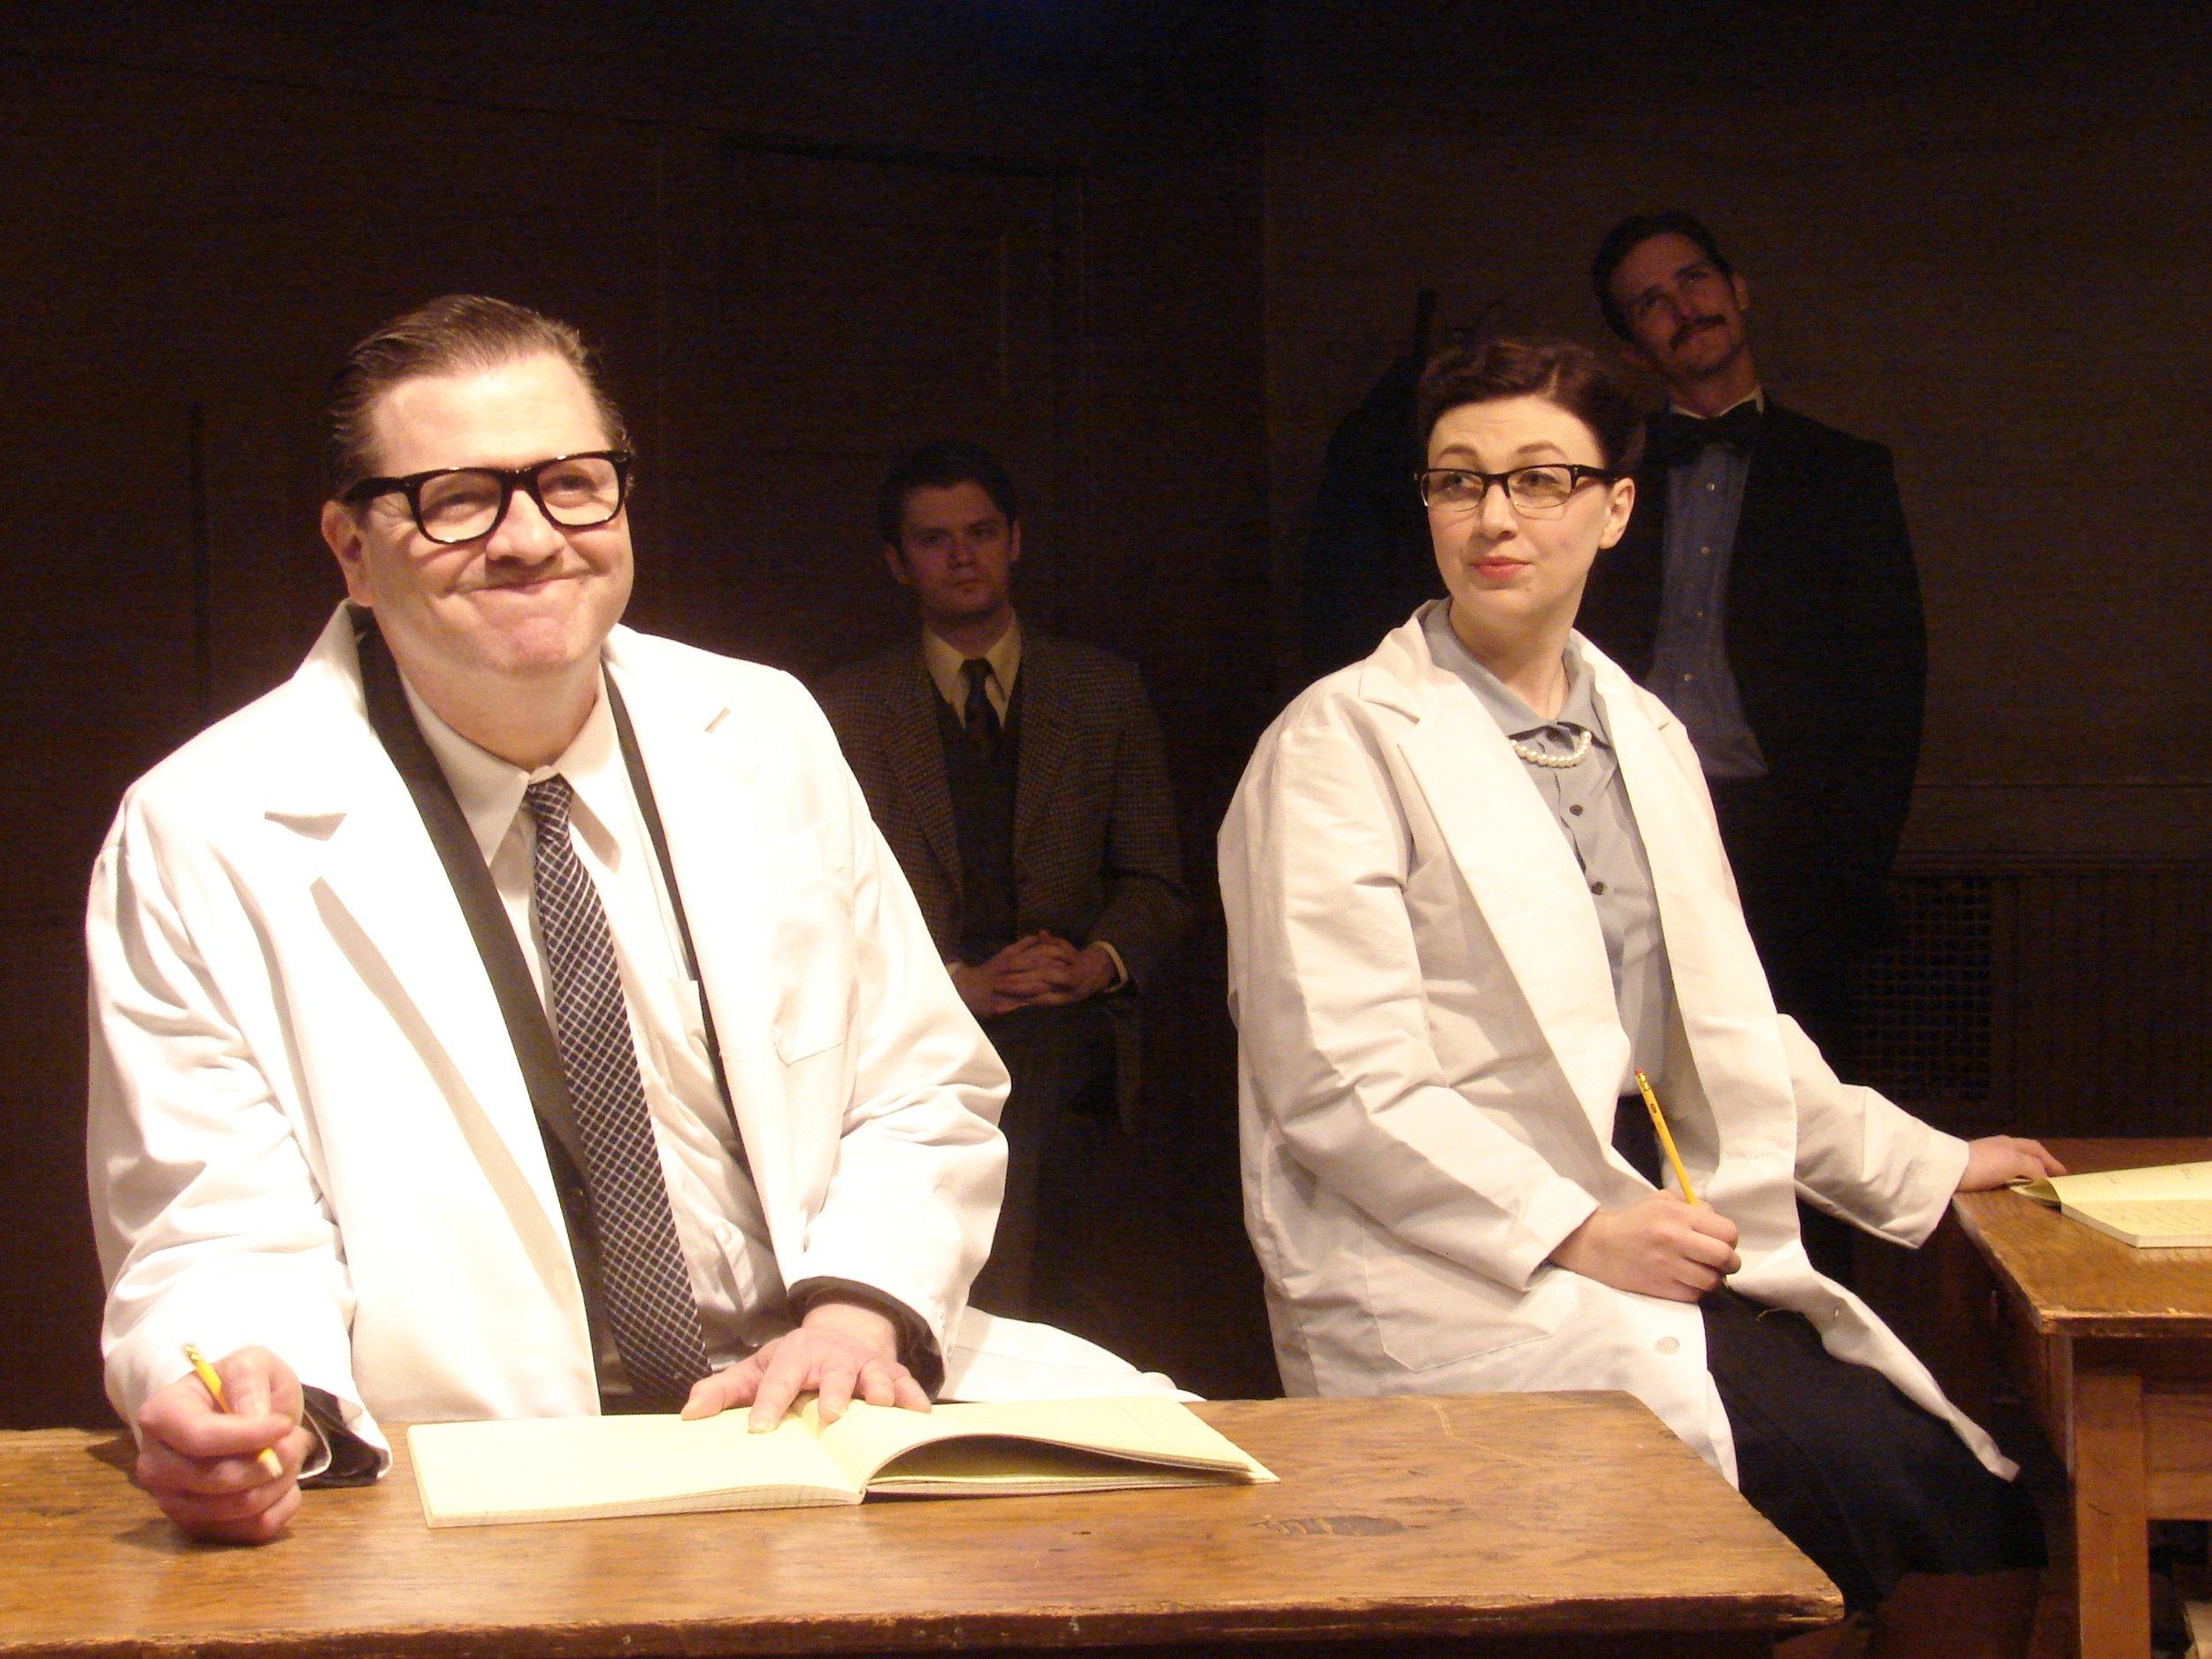 Robert Kaercher as Maurice Wilkins, Lindsey Dorcus as Rosalind Franklin